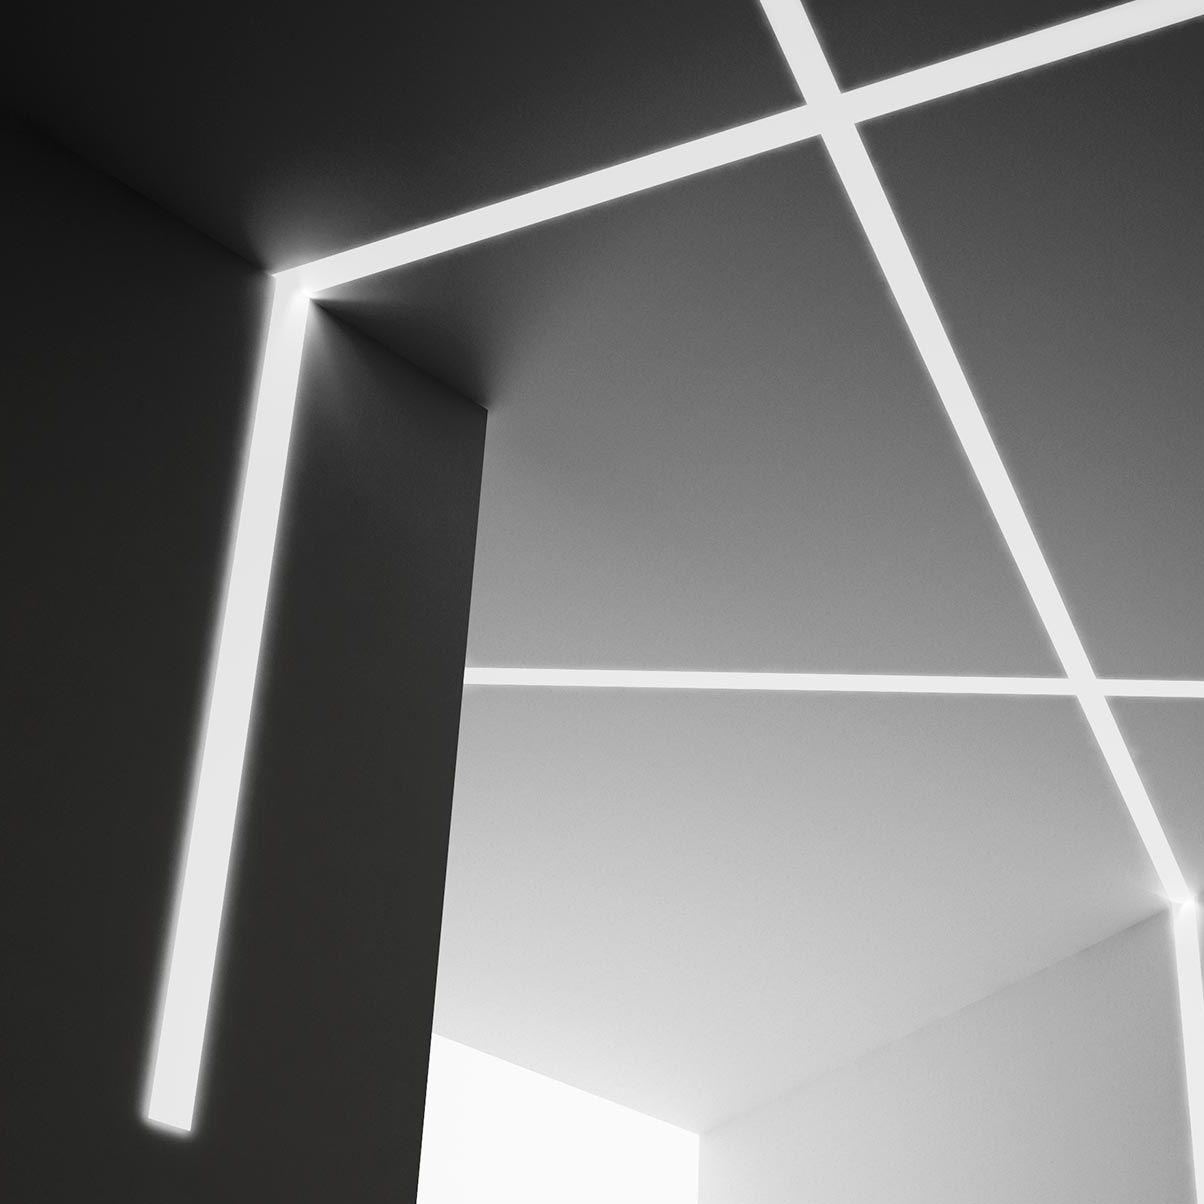 Profilo Luminoso A Muro A Soffitto Led A Lampada Fluorescente